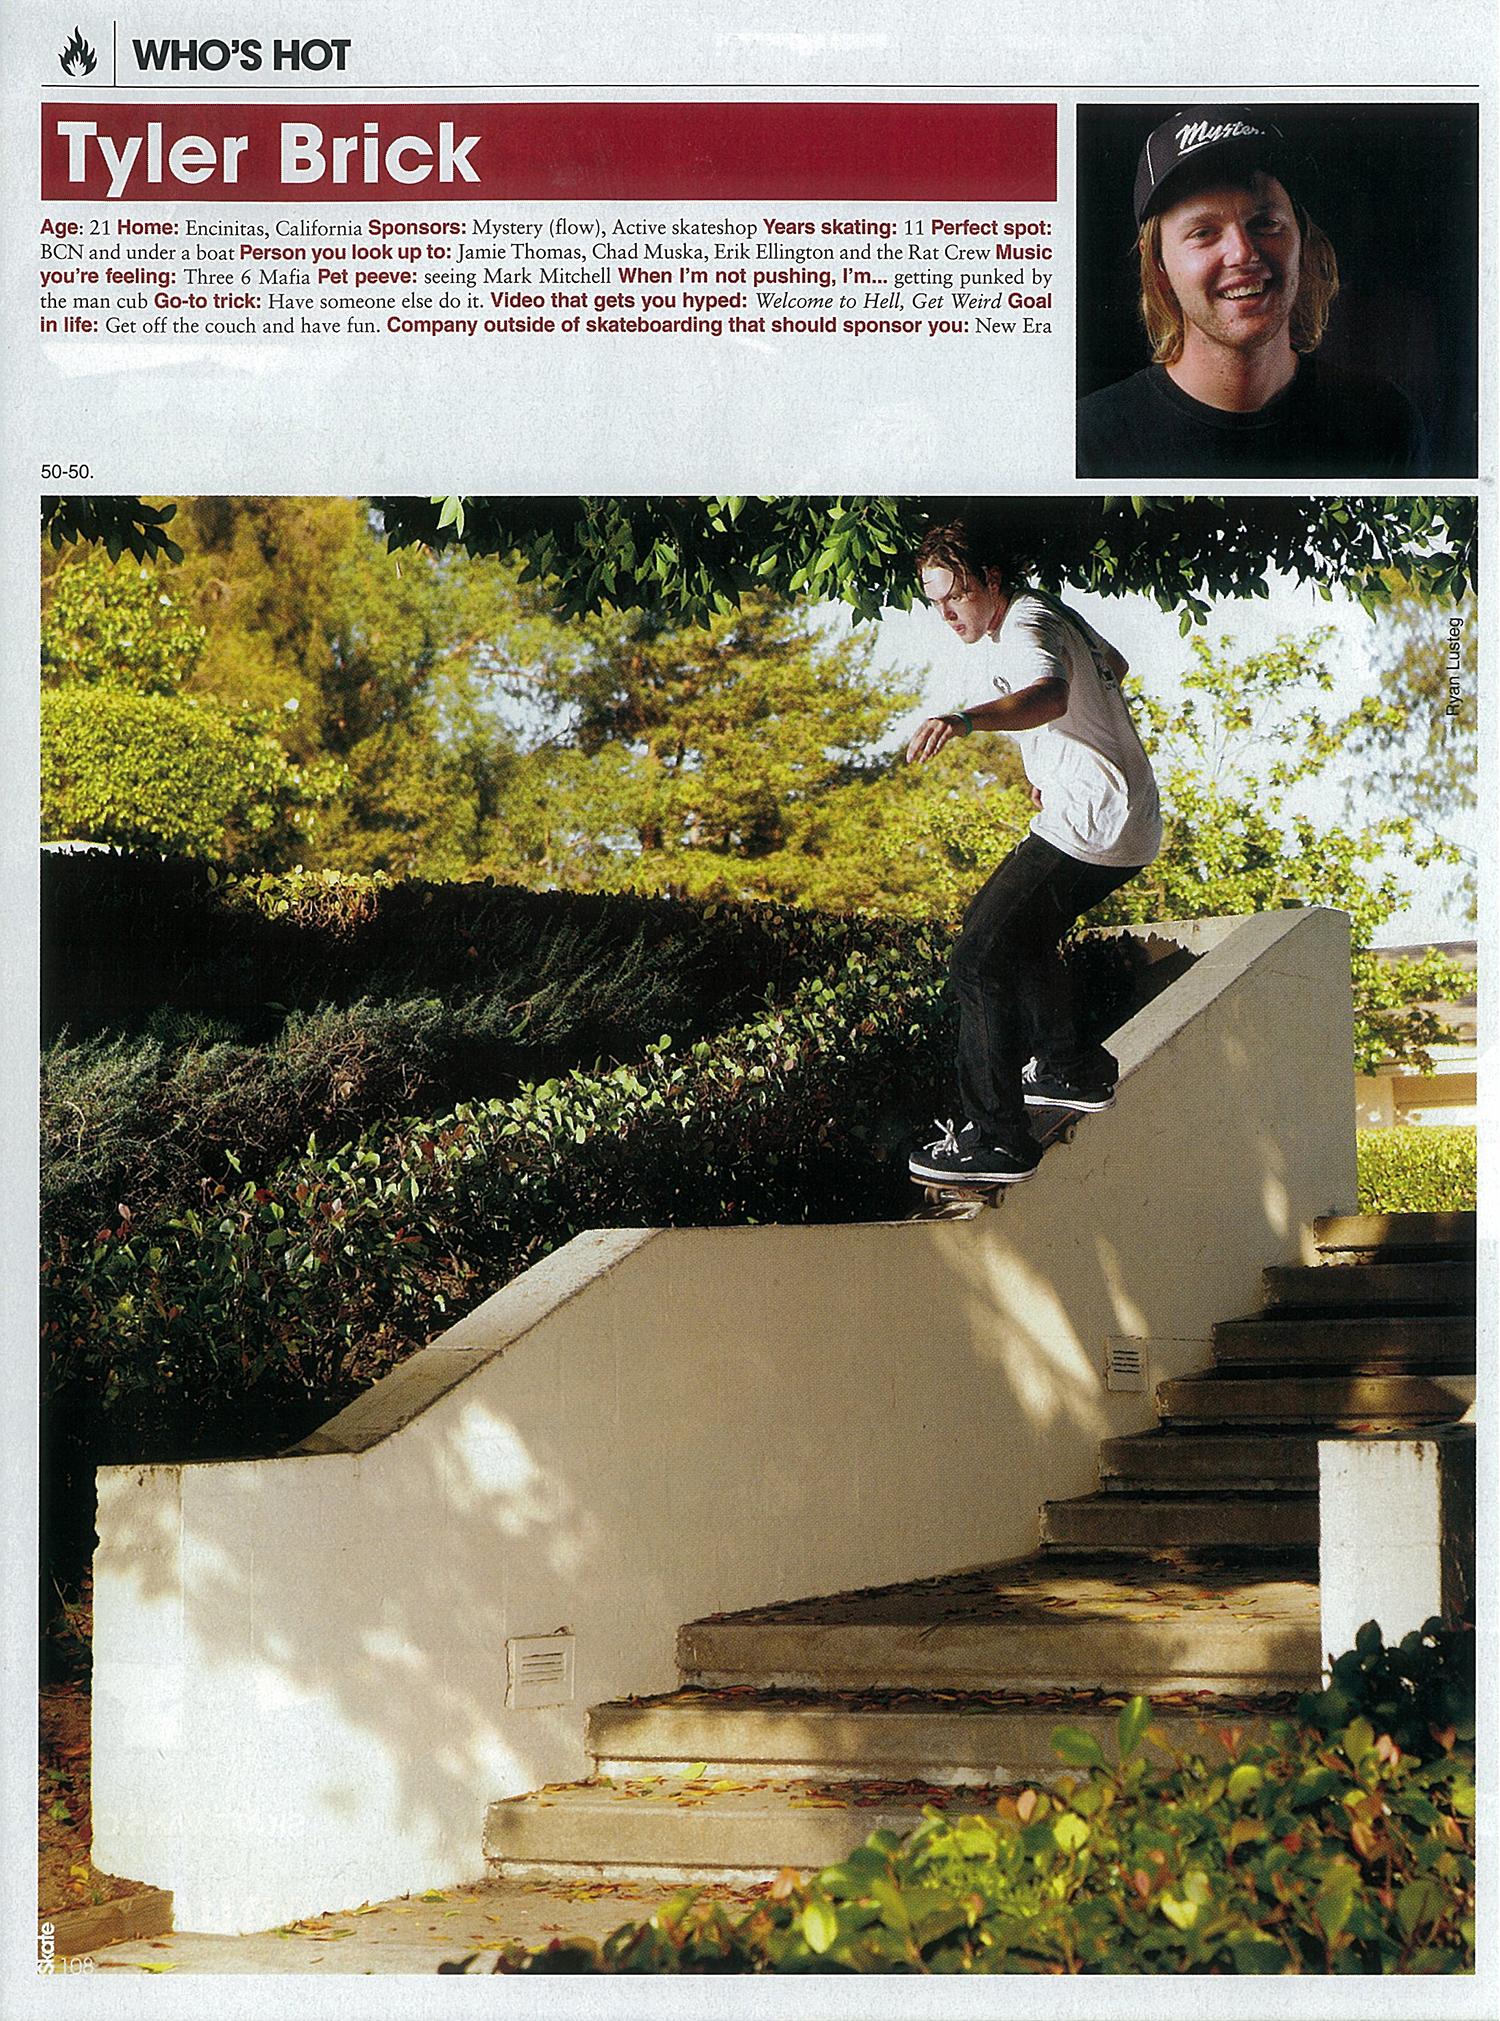 14_tyler_brick_whos_hot_skateboarder.jpg